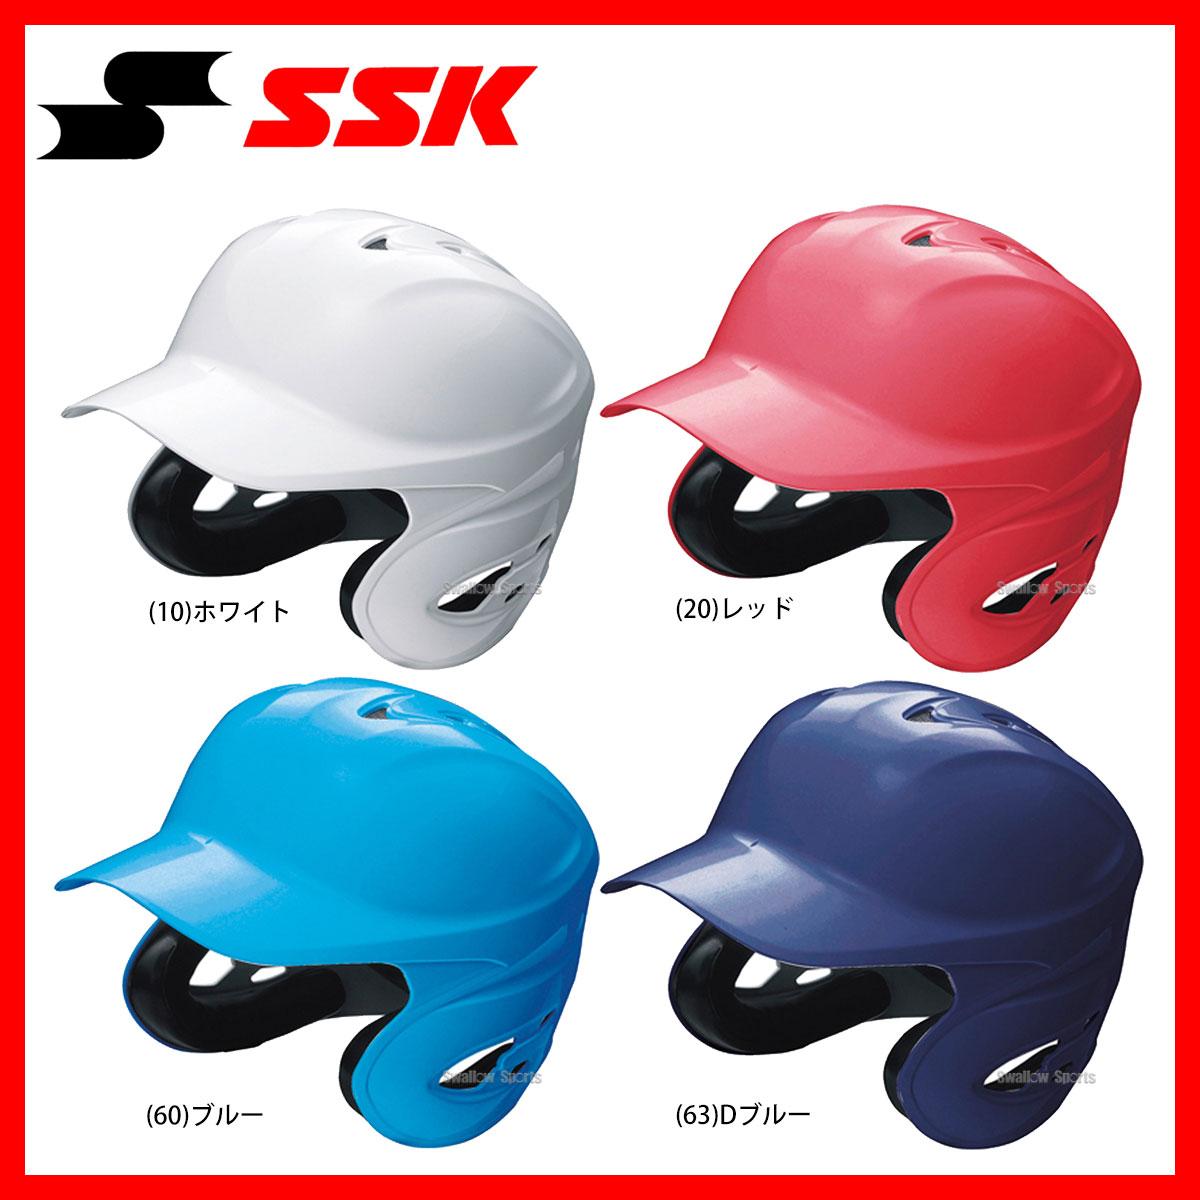 【あす楽対応】 SSK エスエスケイ 軟式 打者用 ヘルメット 両耳付き H2000 ヘルメット 両耳 ssk 新入学 野球部 新入部員 野球用品 スワロースポーツ